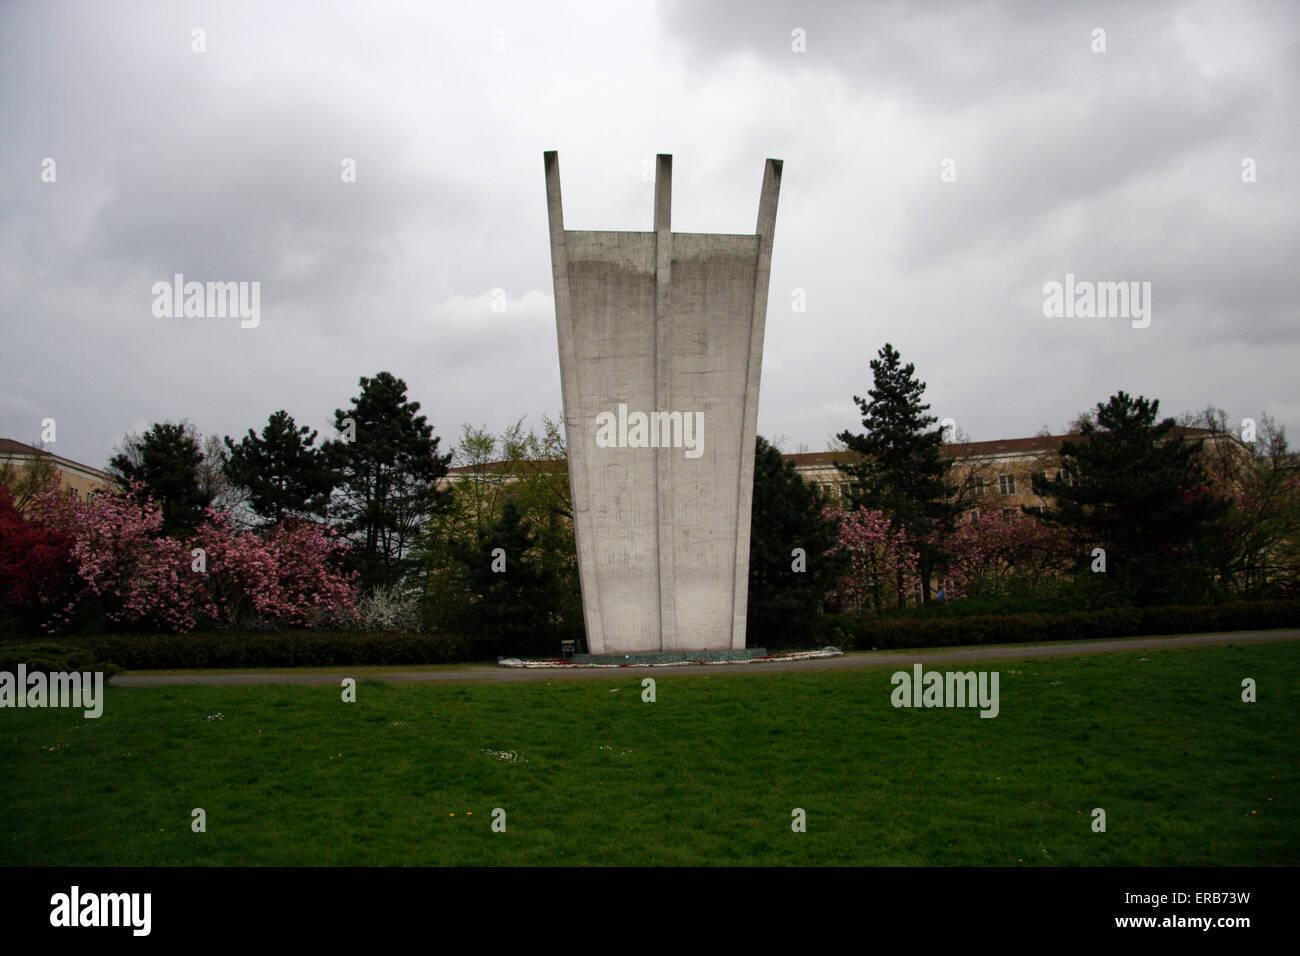 Luftbrueckendenkmal vor dem Flughafen Tempelhof, Berlin-Tempelhof . - Stock Image